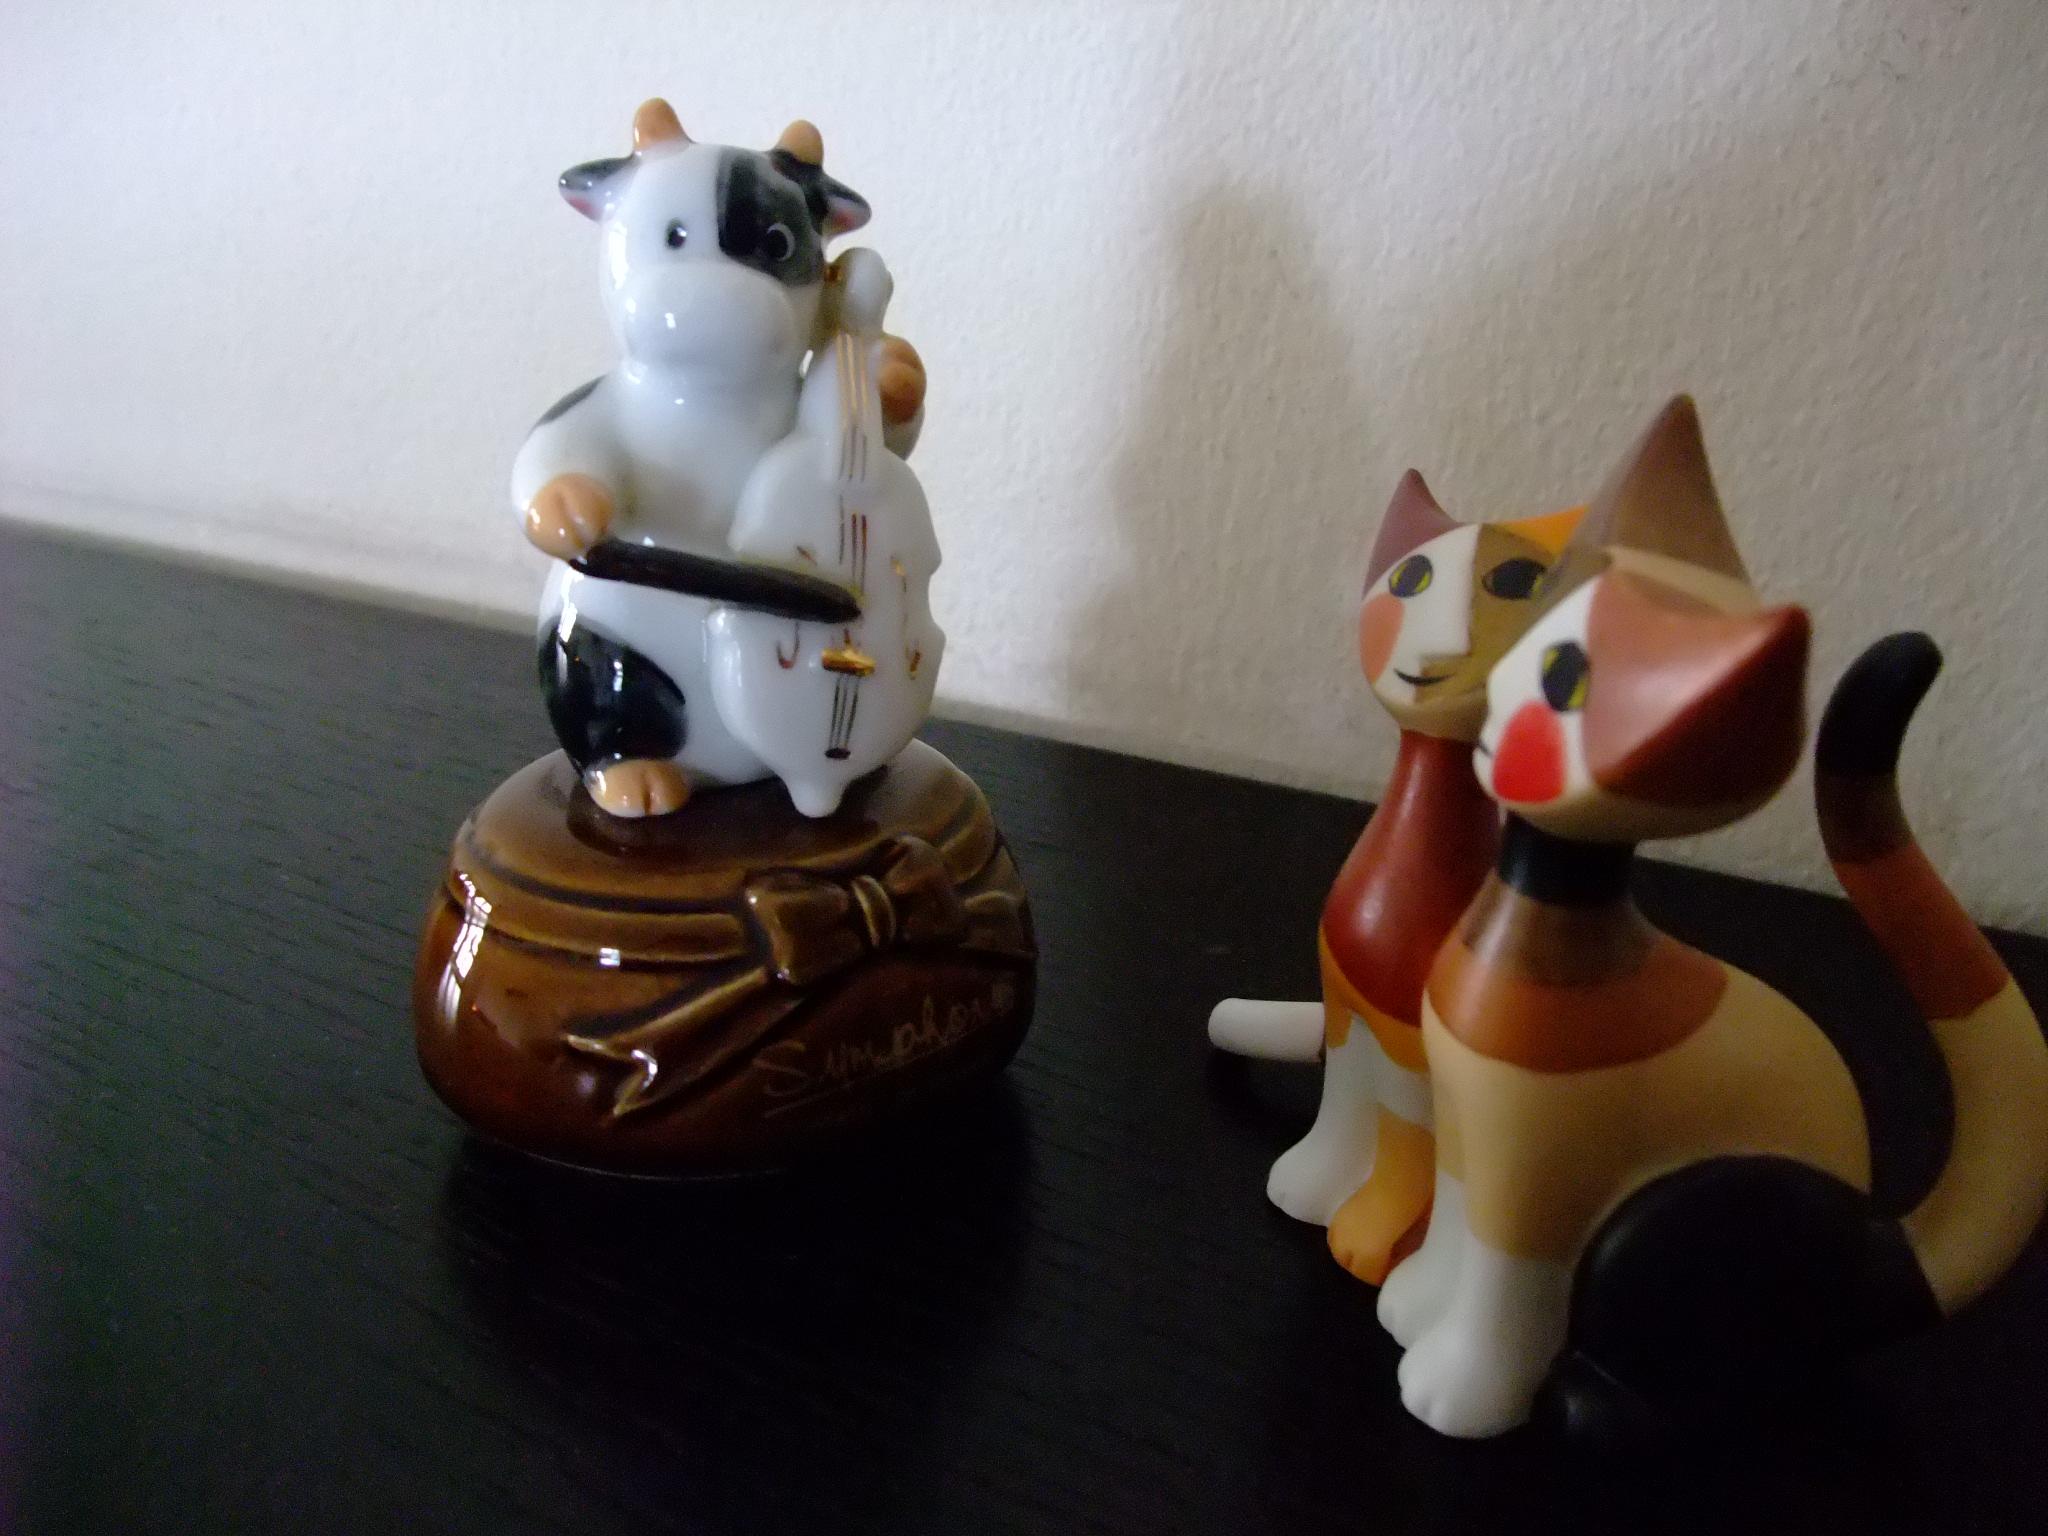 """人类说""""对牛弹琴"""",还不知道牛大哥每天给我们拉琴呢!——猫咪兄弟 (人間は『对牛弹琴』と言うが、 牛兄ちゃんが毎日琴を弾いてくれていることをまったく知らないのね!~猫兄弟)"""